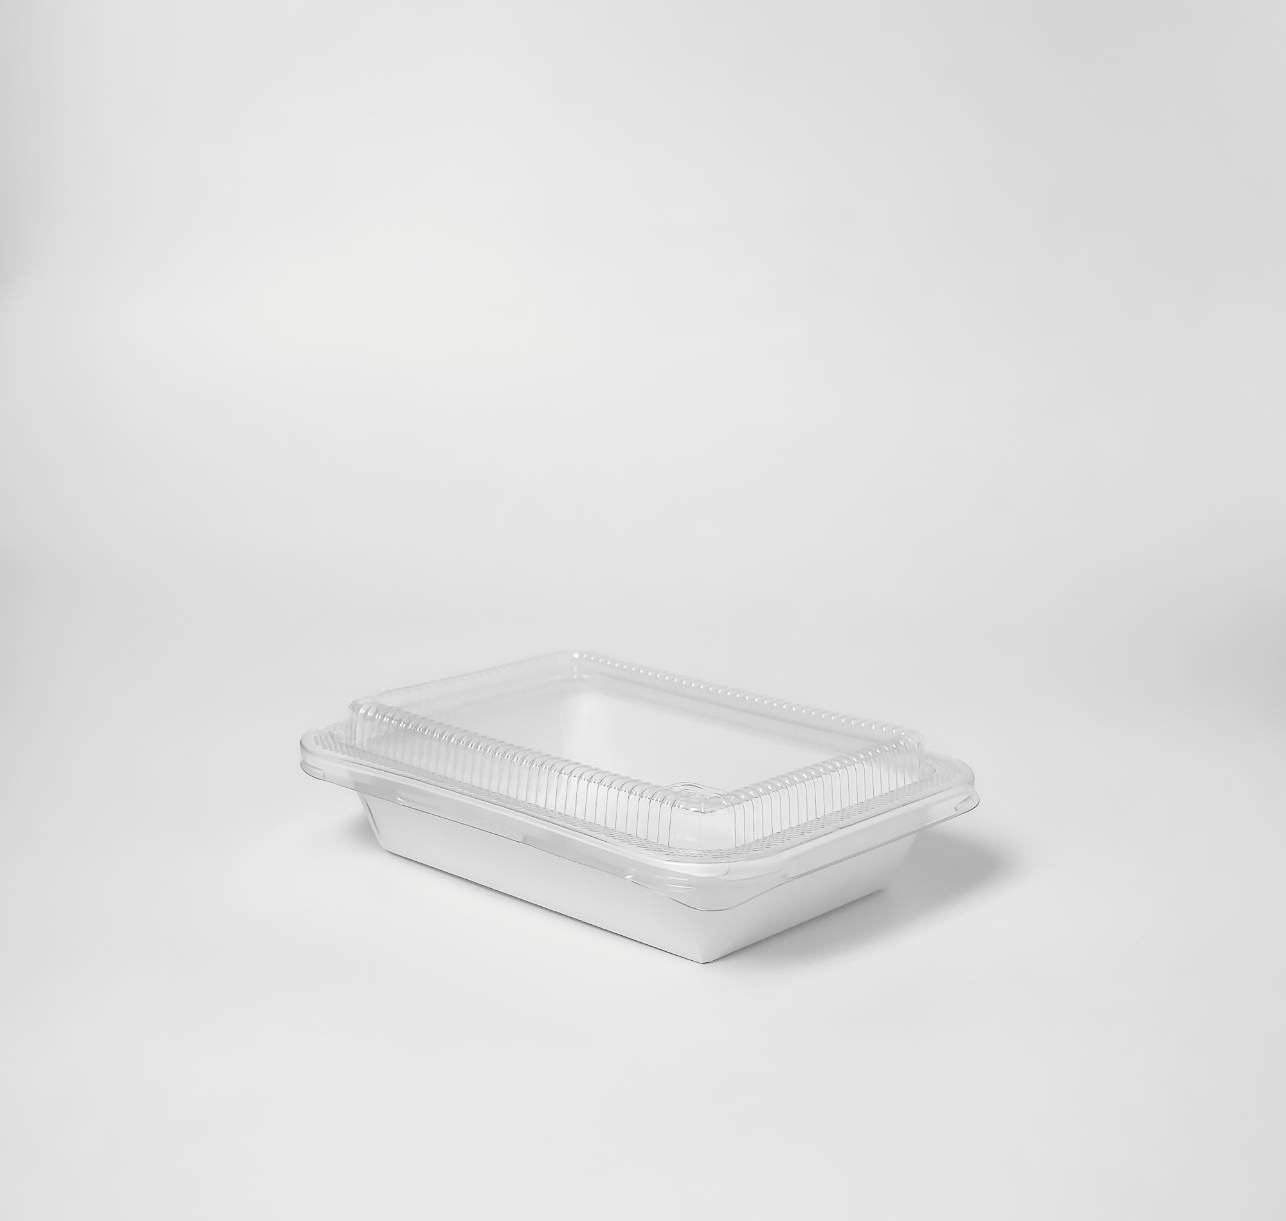 กล่องอาหารกระดาษ Eco Coated Hybrid ฝาใส 650ml